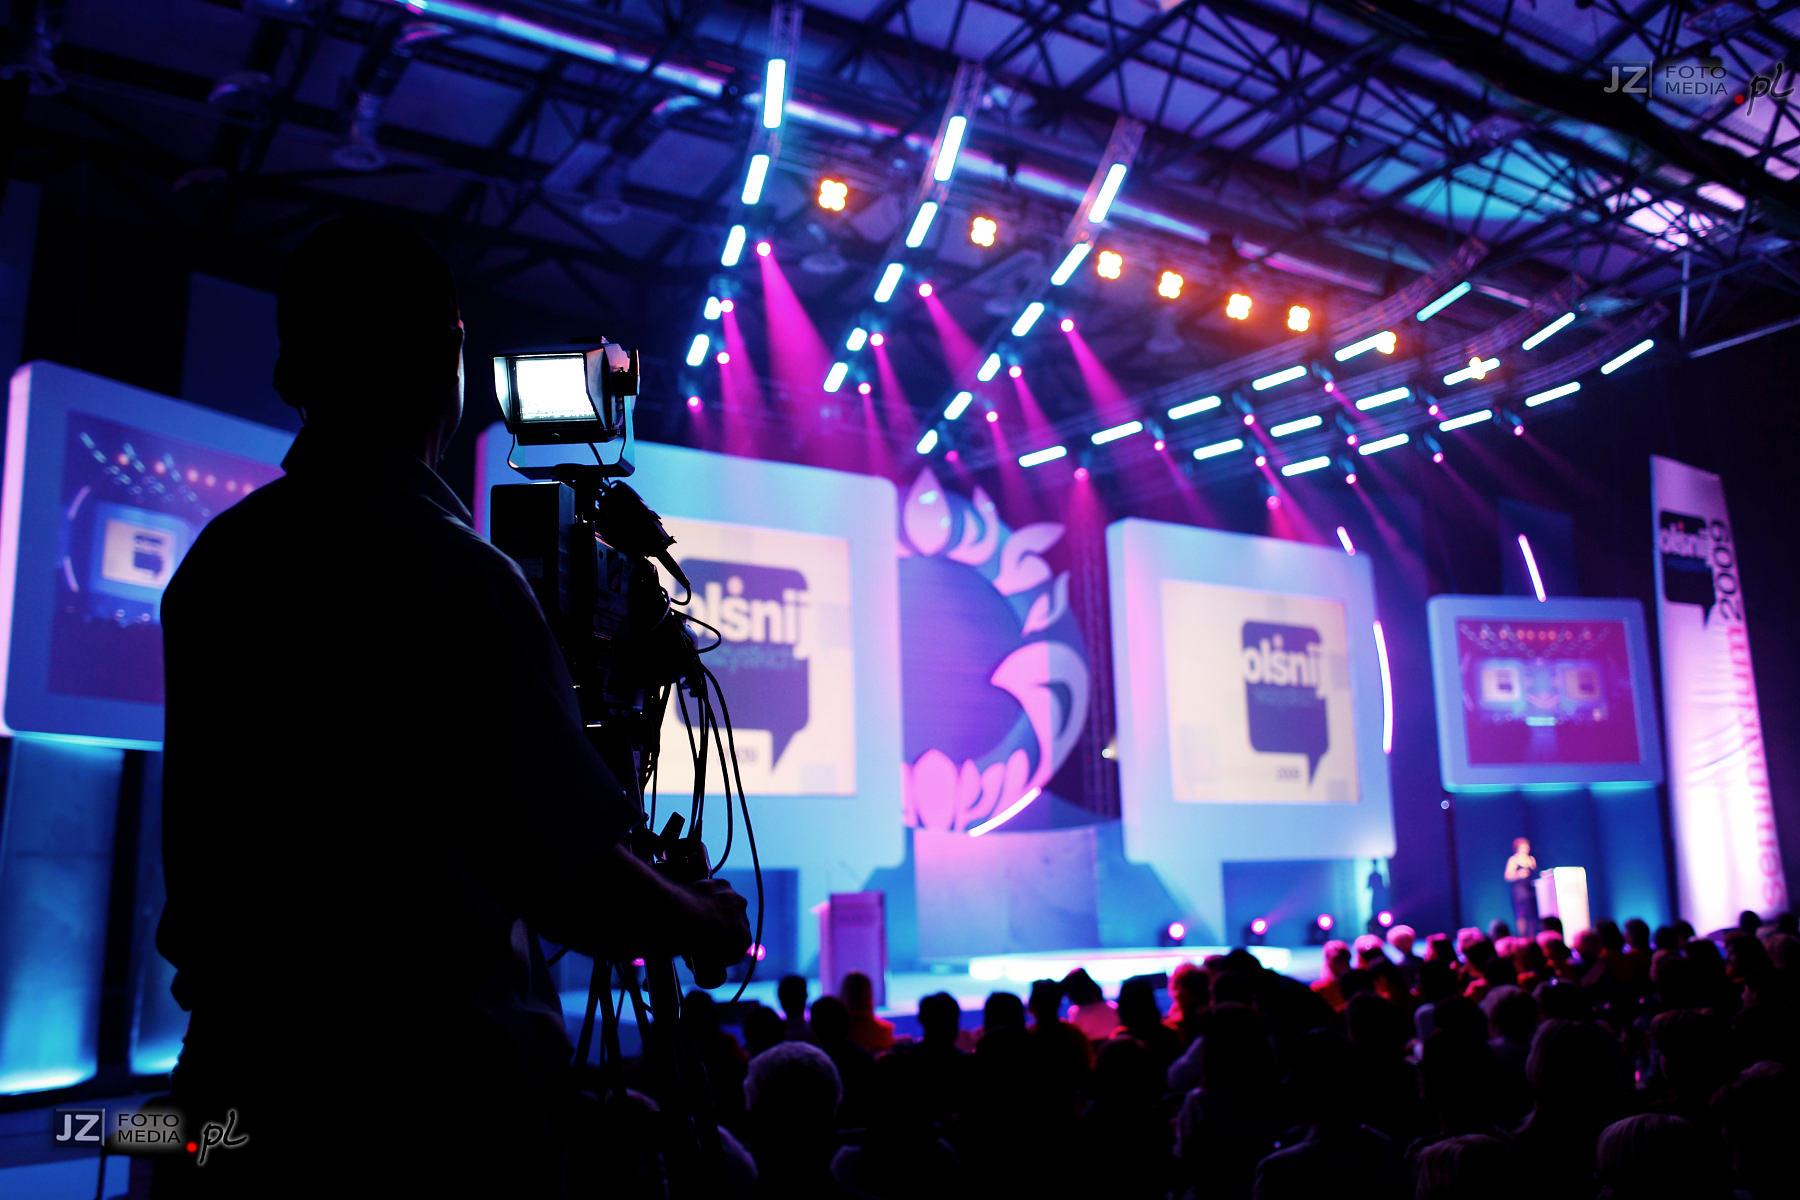 Reportaż z eventu MaryKay. Hala Widowiskowo-Sportowa Arena. Ursynów, Warszawa – dzień 1